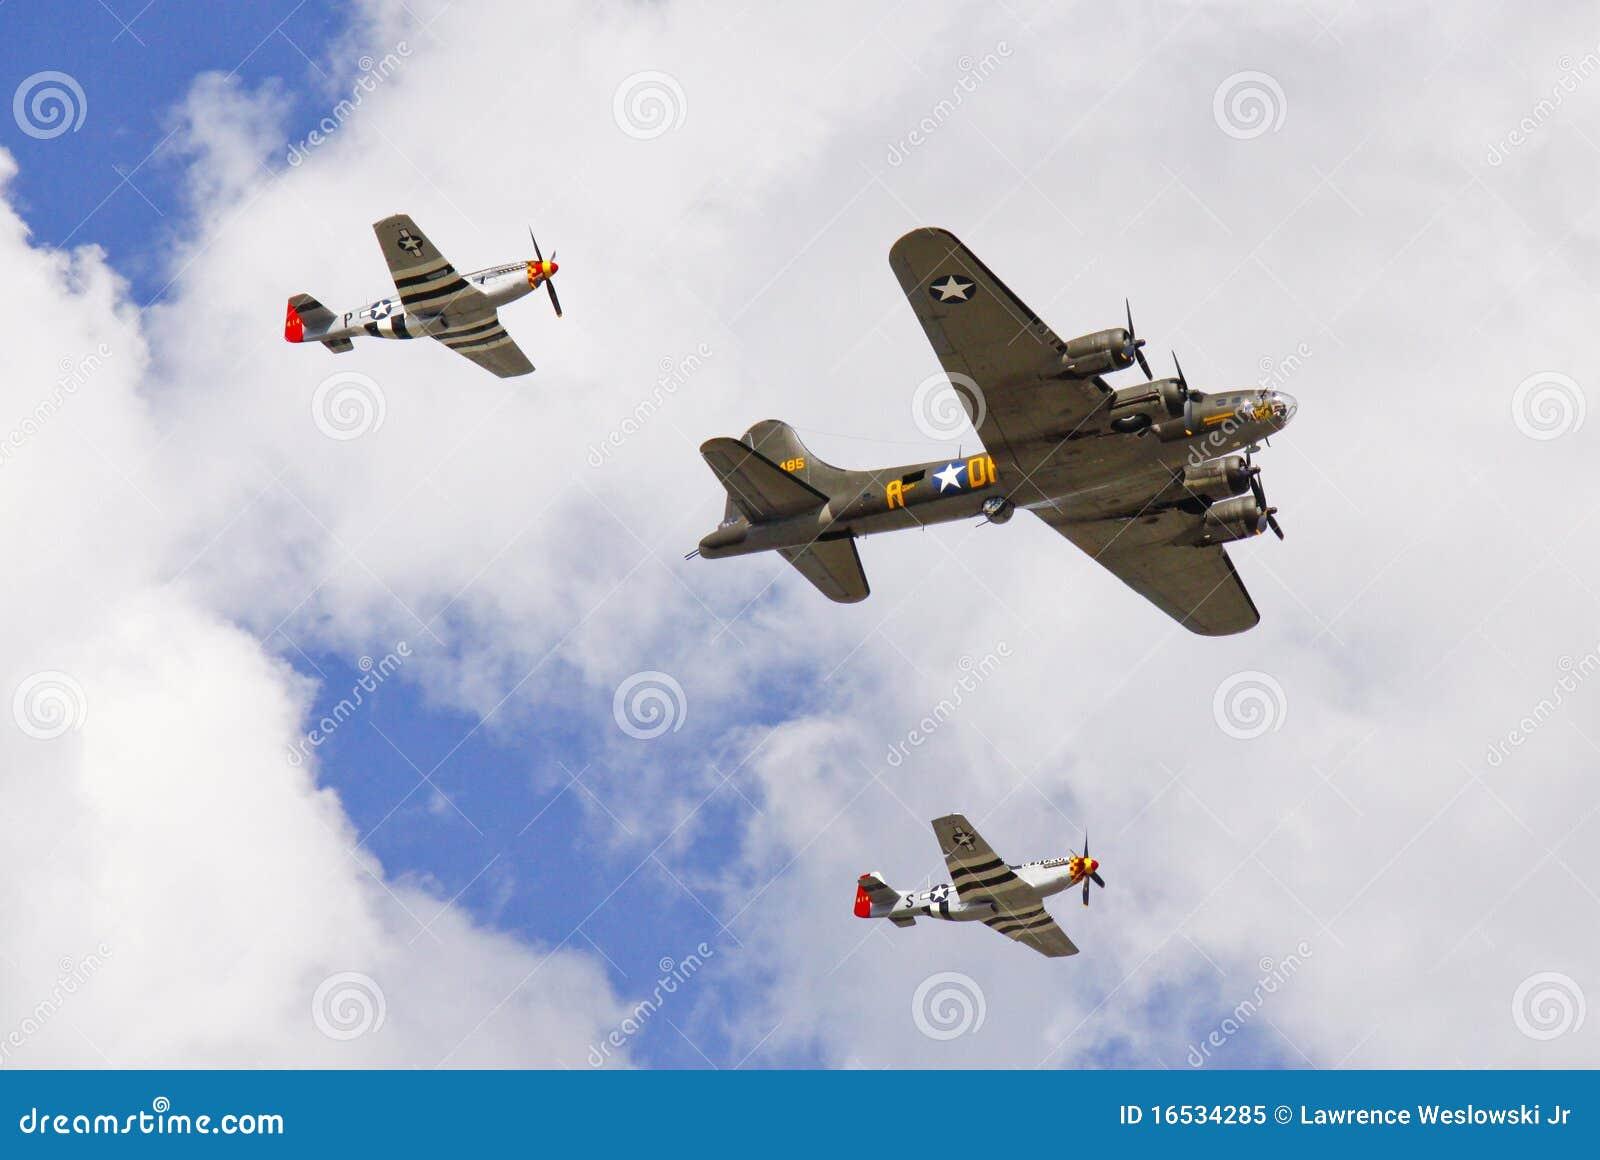 Avions de la deuxième guerre mondiale - chasseurs et bombardier